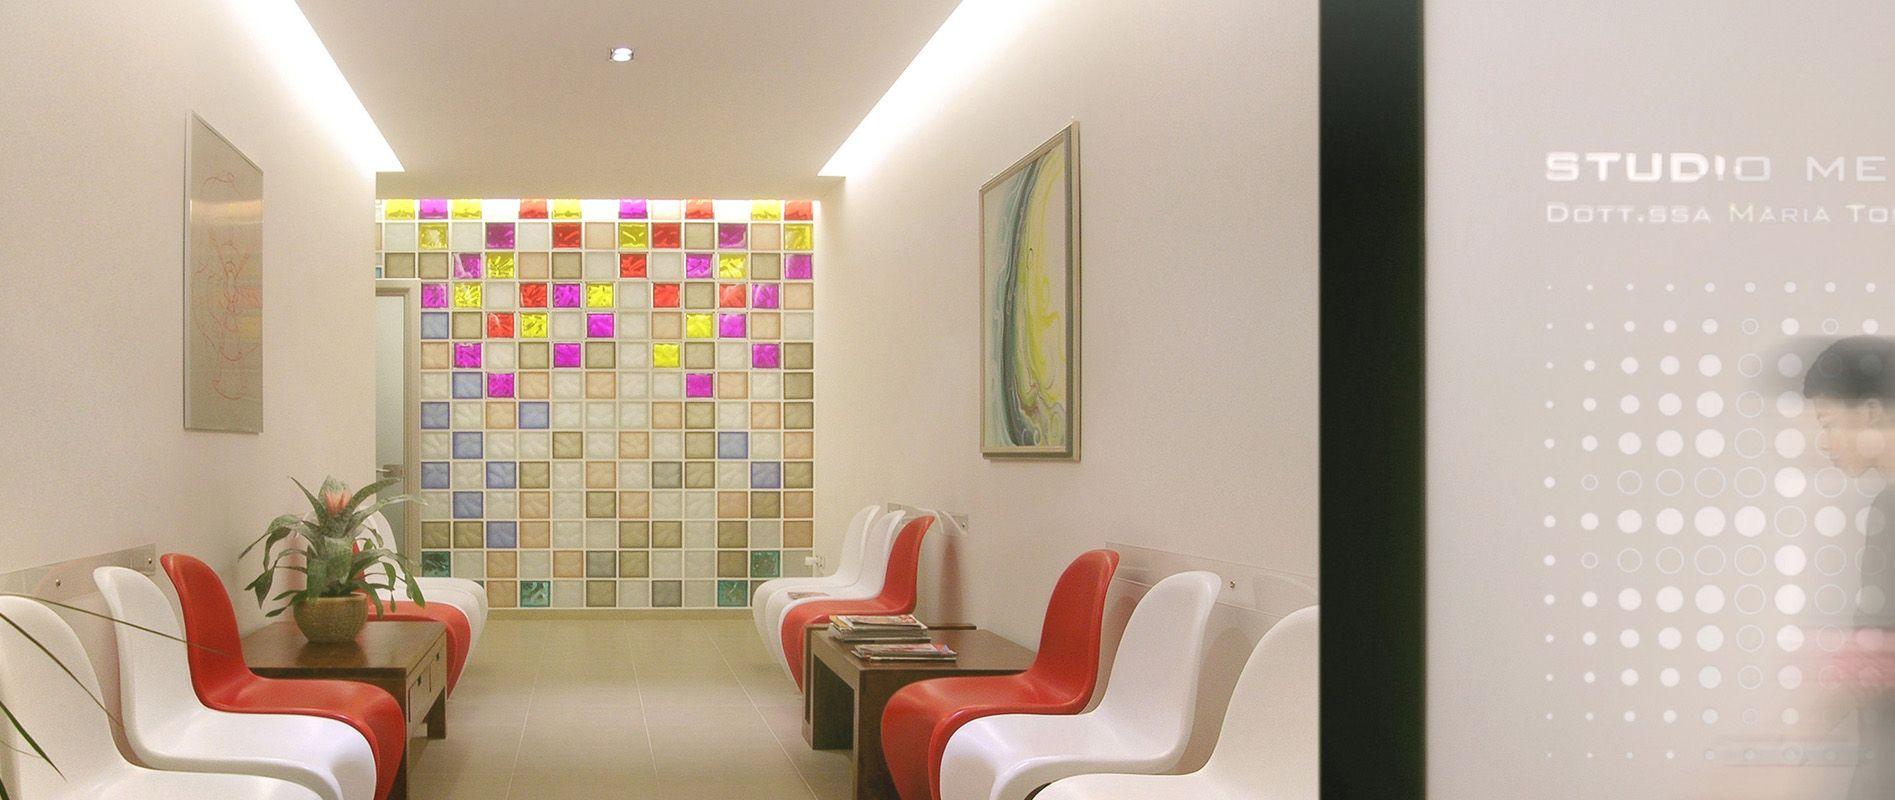 Consultorio dise o de consultorio dental pinterest for Despachos de diseno de interiores df